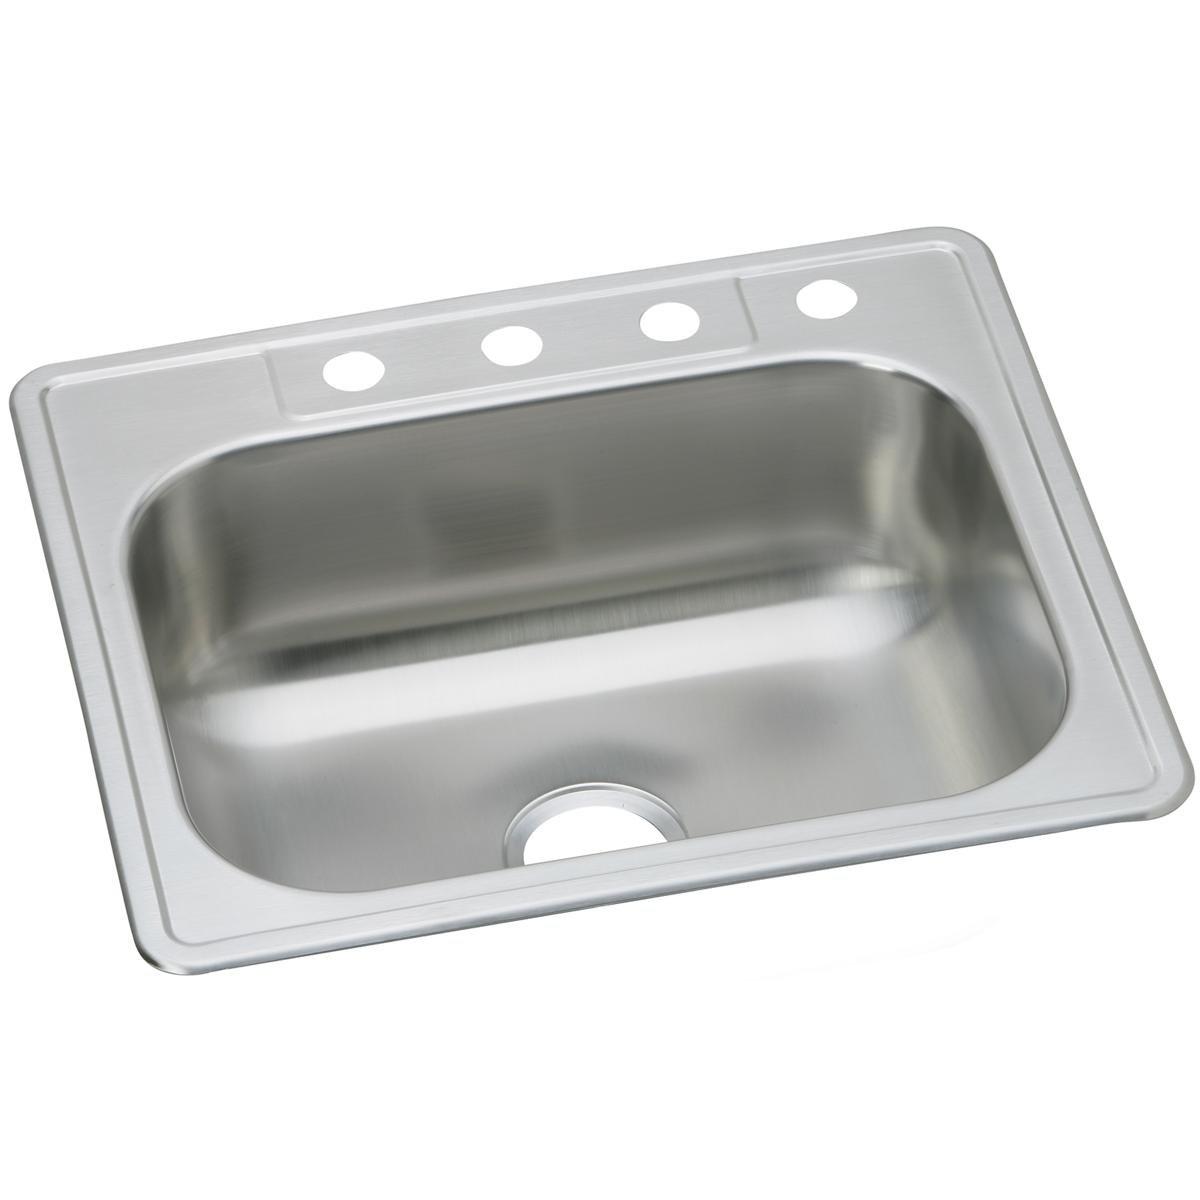 Dayton DSE125223 Single Bowl Top Mount Stainless Steel Sink